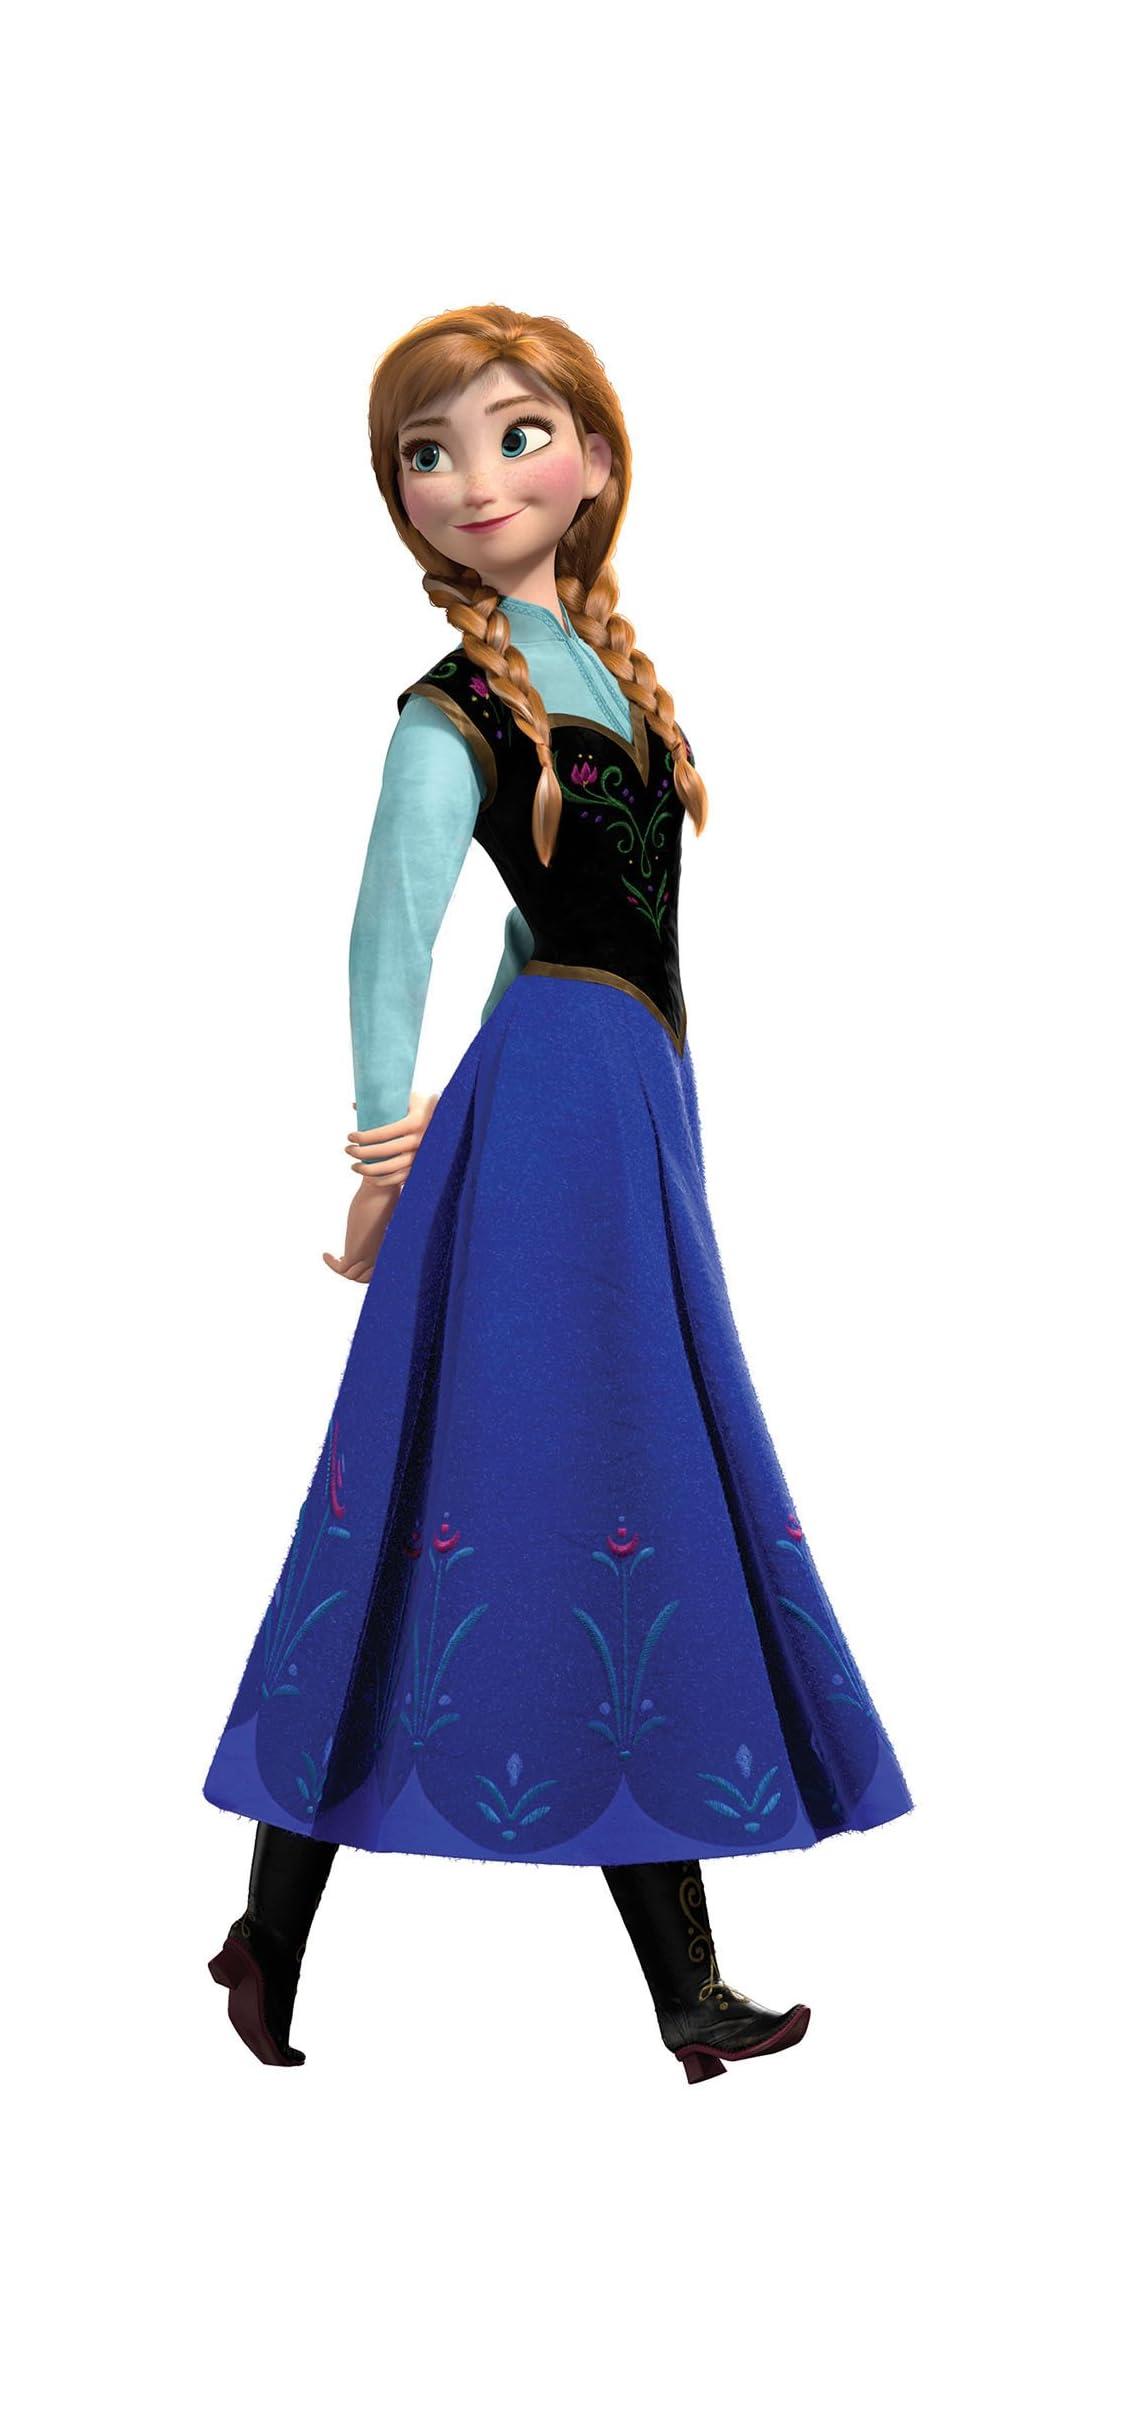 ディズニー アナ(Princess Anna of Arendelle)『アナと雪の女王』 iPhone X 壁紙(1125x2436) 画像73903 スマポ